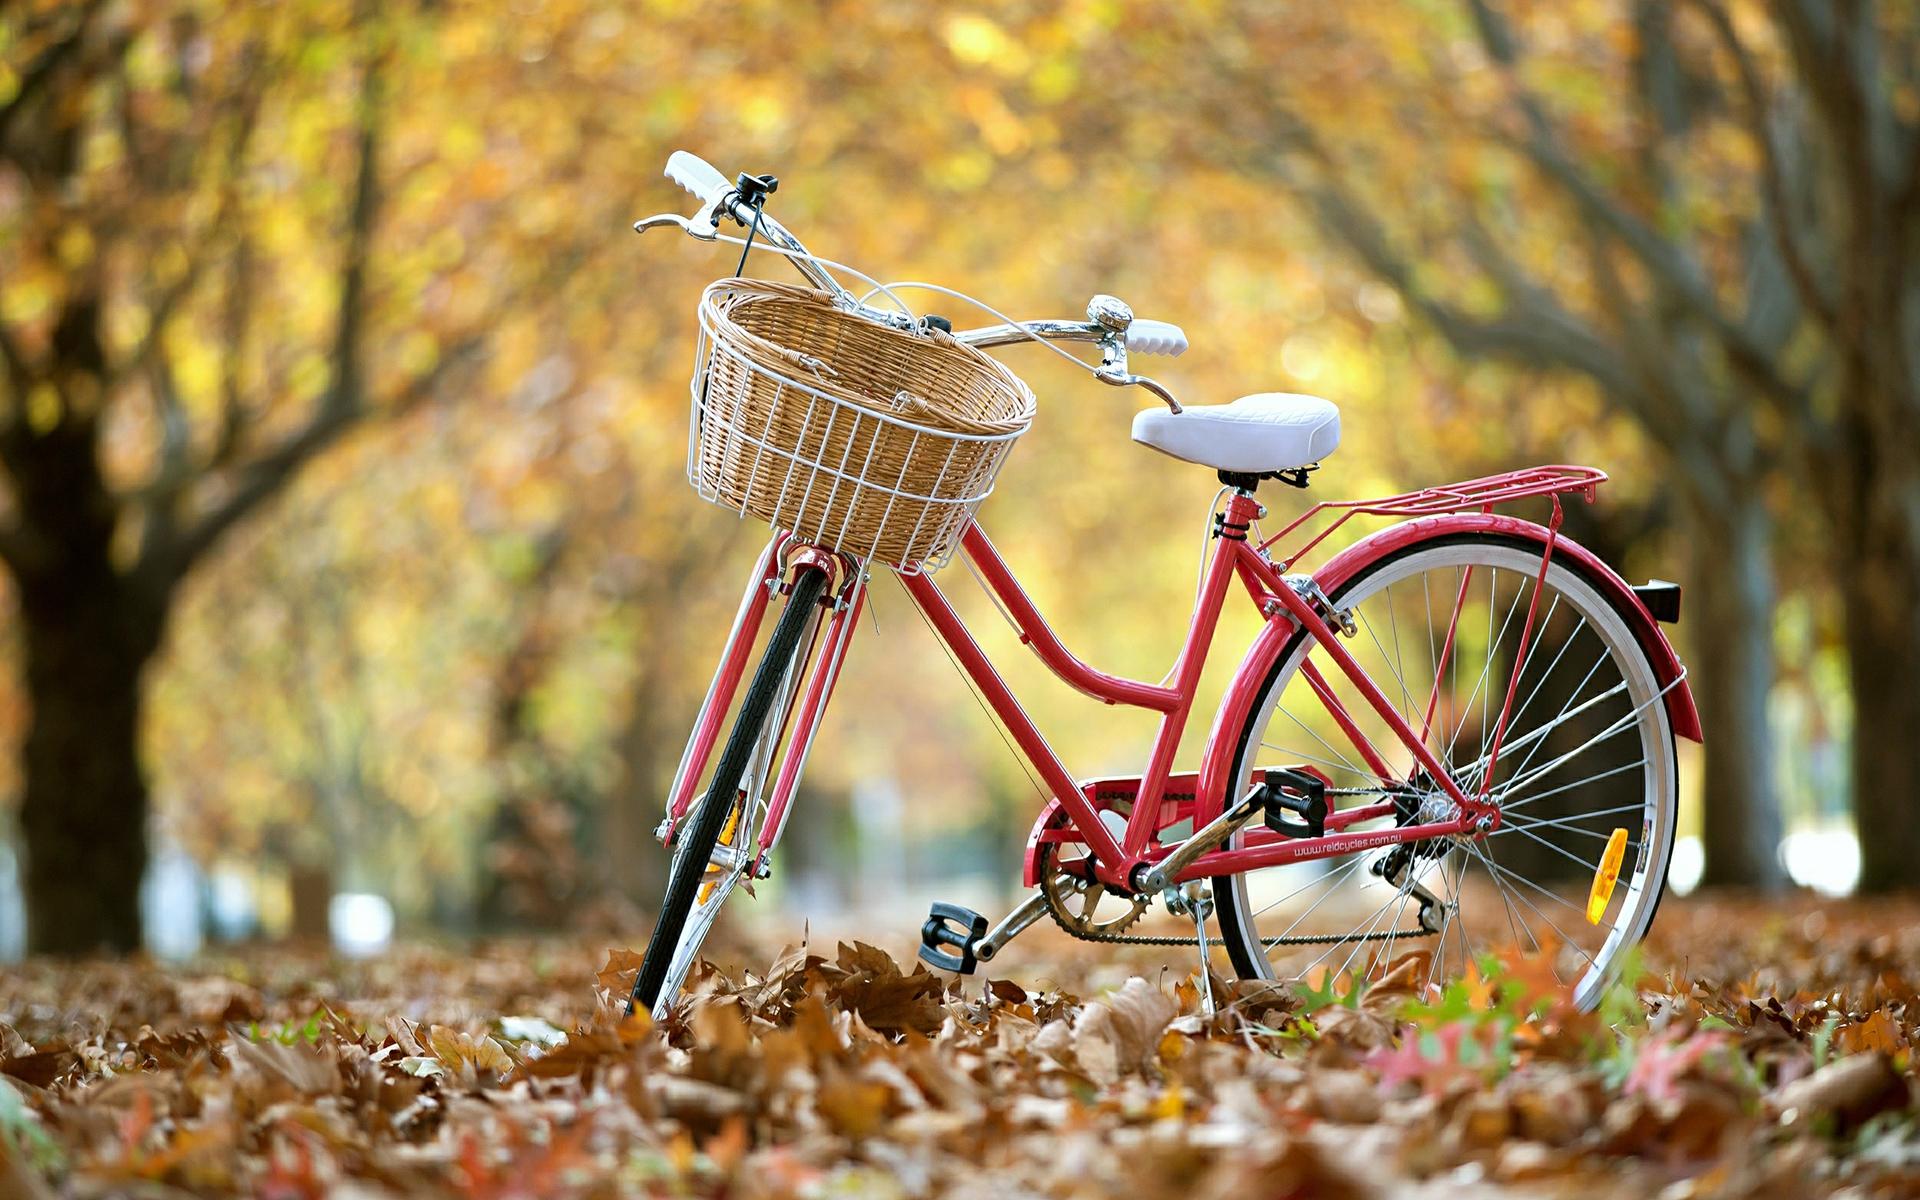 молодожены решили картинки яркие велосипеды субботу вечером